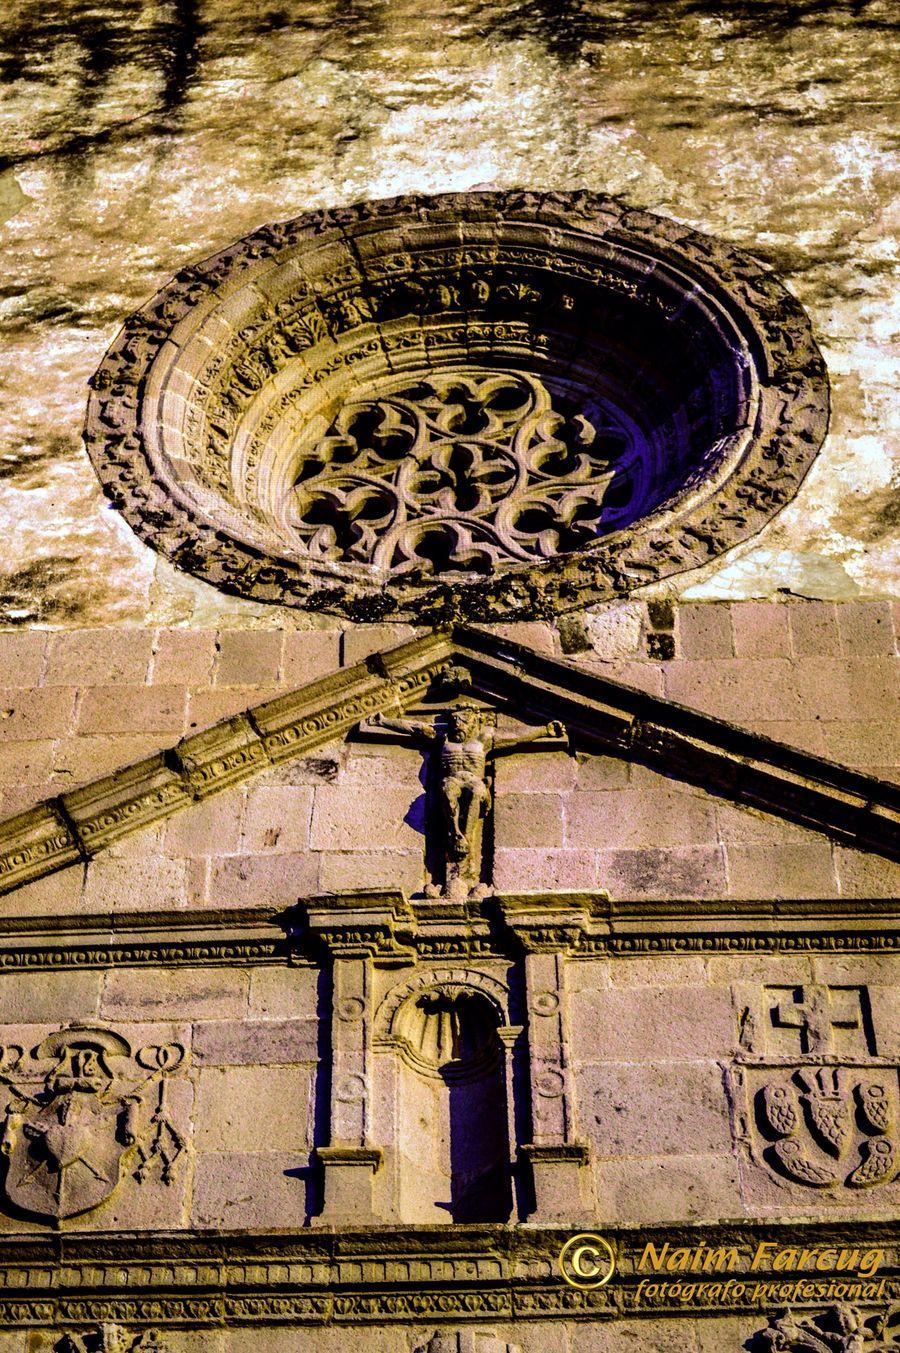 """El término rosetón se emplea en el ámbito de la arquitectura para denominar a las ventanas con forma circular que exhiben ornamentaciones y calados. El concepto también se utiliza para nombrar a los adornos circulares que se cuelgan de un techo. Los rosetones fueron un elemento muy importante para la arquitectura gótica, siendo usado en las fachadas de una gran cantidad de iglesias. La arquitectura románica también hizo uso de estos elementos aunque, por lo general, dejándolos en los sectores laterales de los edificios. El objetivo principal del rosetón es favorecer la iluminación de las iglesias, ya que permiten el ingreso de la luz natural a la construcción. Los arquitectos también escogían la creación de rosetones para crear efectos lumínicos sobre los altares. El rosetón, por otra parte, podía tener diversos valores simbólicos. De esta manera su inclusión en un templo podía representar a Jesucristo (por su relación con los rayos solares que proyecta) o a la Virgen María (por contar con una estructura similar a la de las rosas). Cita: definicion.de Yecapixtla forma parte del programa """"Ruta de los Conventos"""" pues en la cabecera municipal se ubica el Ex Convento Agustino de San Juan Bautista, que fue construido entre 1535 y 1540; invitando a cualquier turista a conocerlo por su belleza, reconocida desde tiempos coloniales. La hermosura de este Ex convento radica en los detalles que fueron cuidados por parte de la orden religiosa y entre los que destacan las rejas de las ventanas que son piedra, así como las barandillas del coro y el púlpito, que al momento de apreciarlos puedes entender la importancia de admirar este lugar. Uno de los aspectos que más atrae a los visitantes; es el rosetón de estilo gótico ubicado sobre la entrada principal al ex convento y que permite la entrada de los rayos del sol provenientes del poniente a través de sus finas lacerías. Cita: Revista Nómada Morelos Hello World Architecture Yecapixtla Rutadelosconventos Mexico Gothic Amazing Arch"""